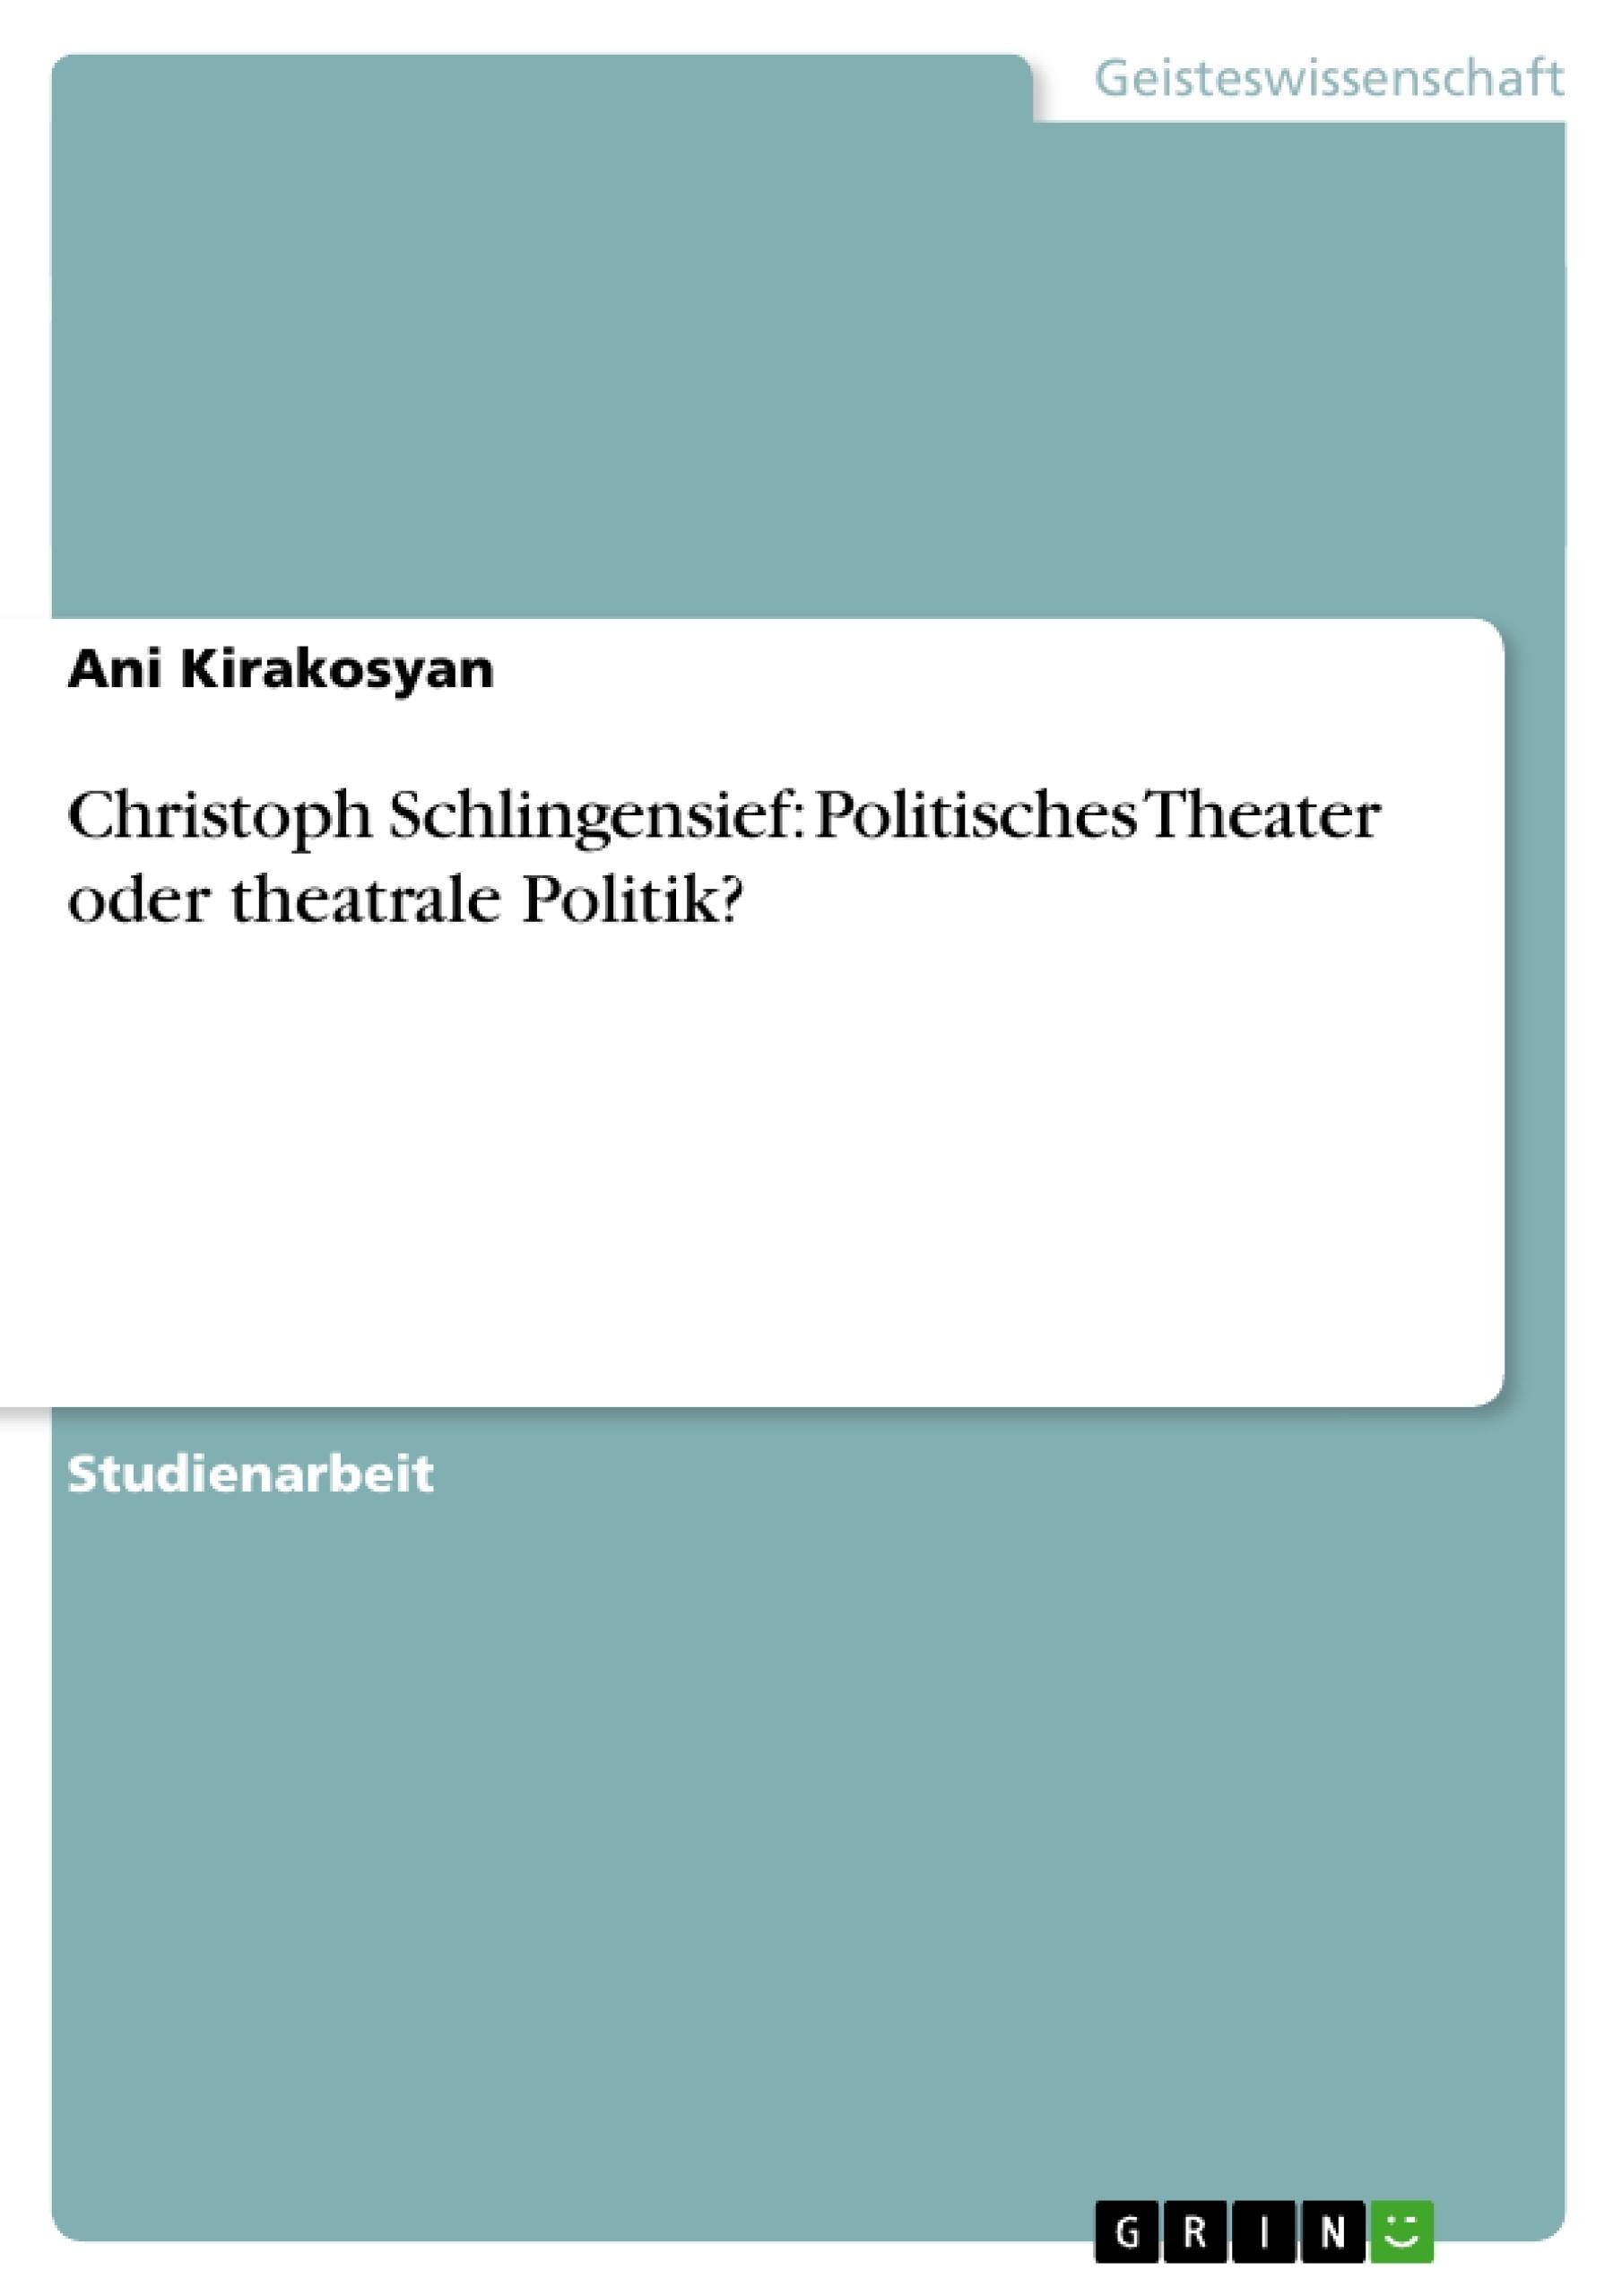 Titel: Christoph Schlingensief:  Politisches Theater oder theatrale Politik?